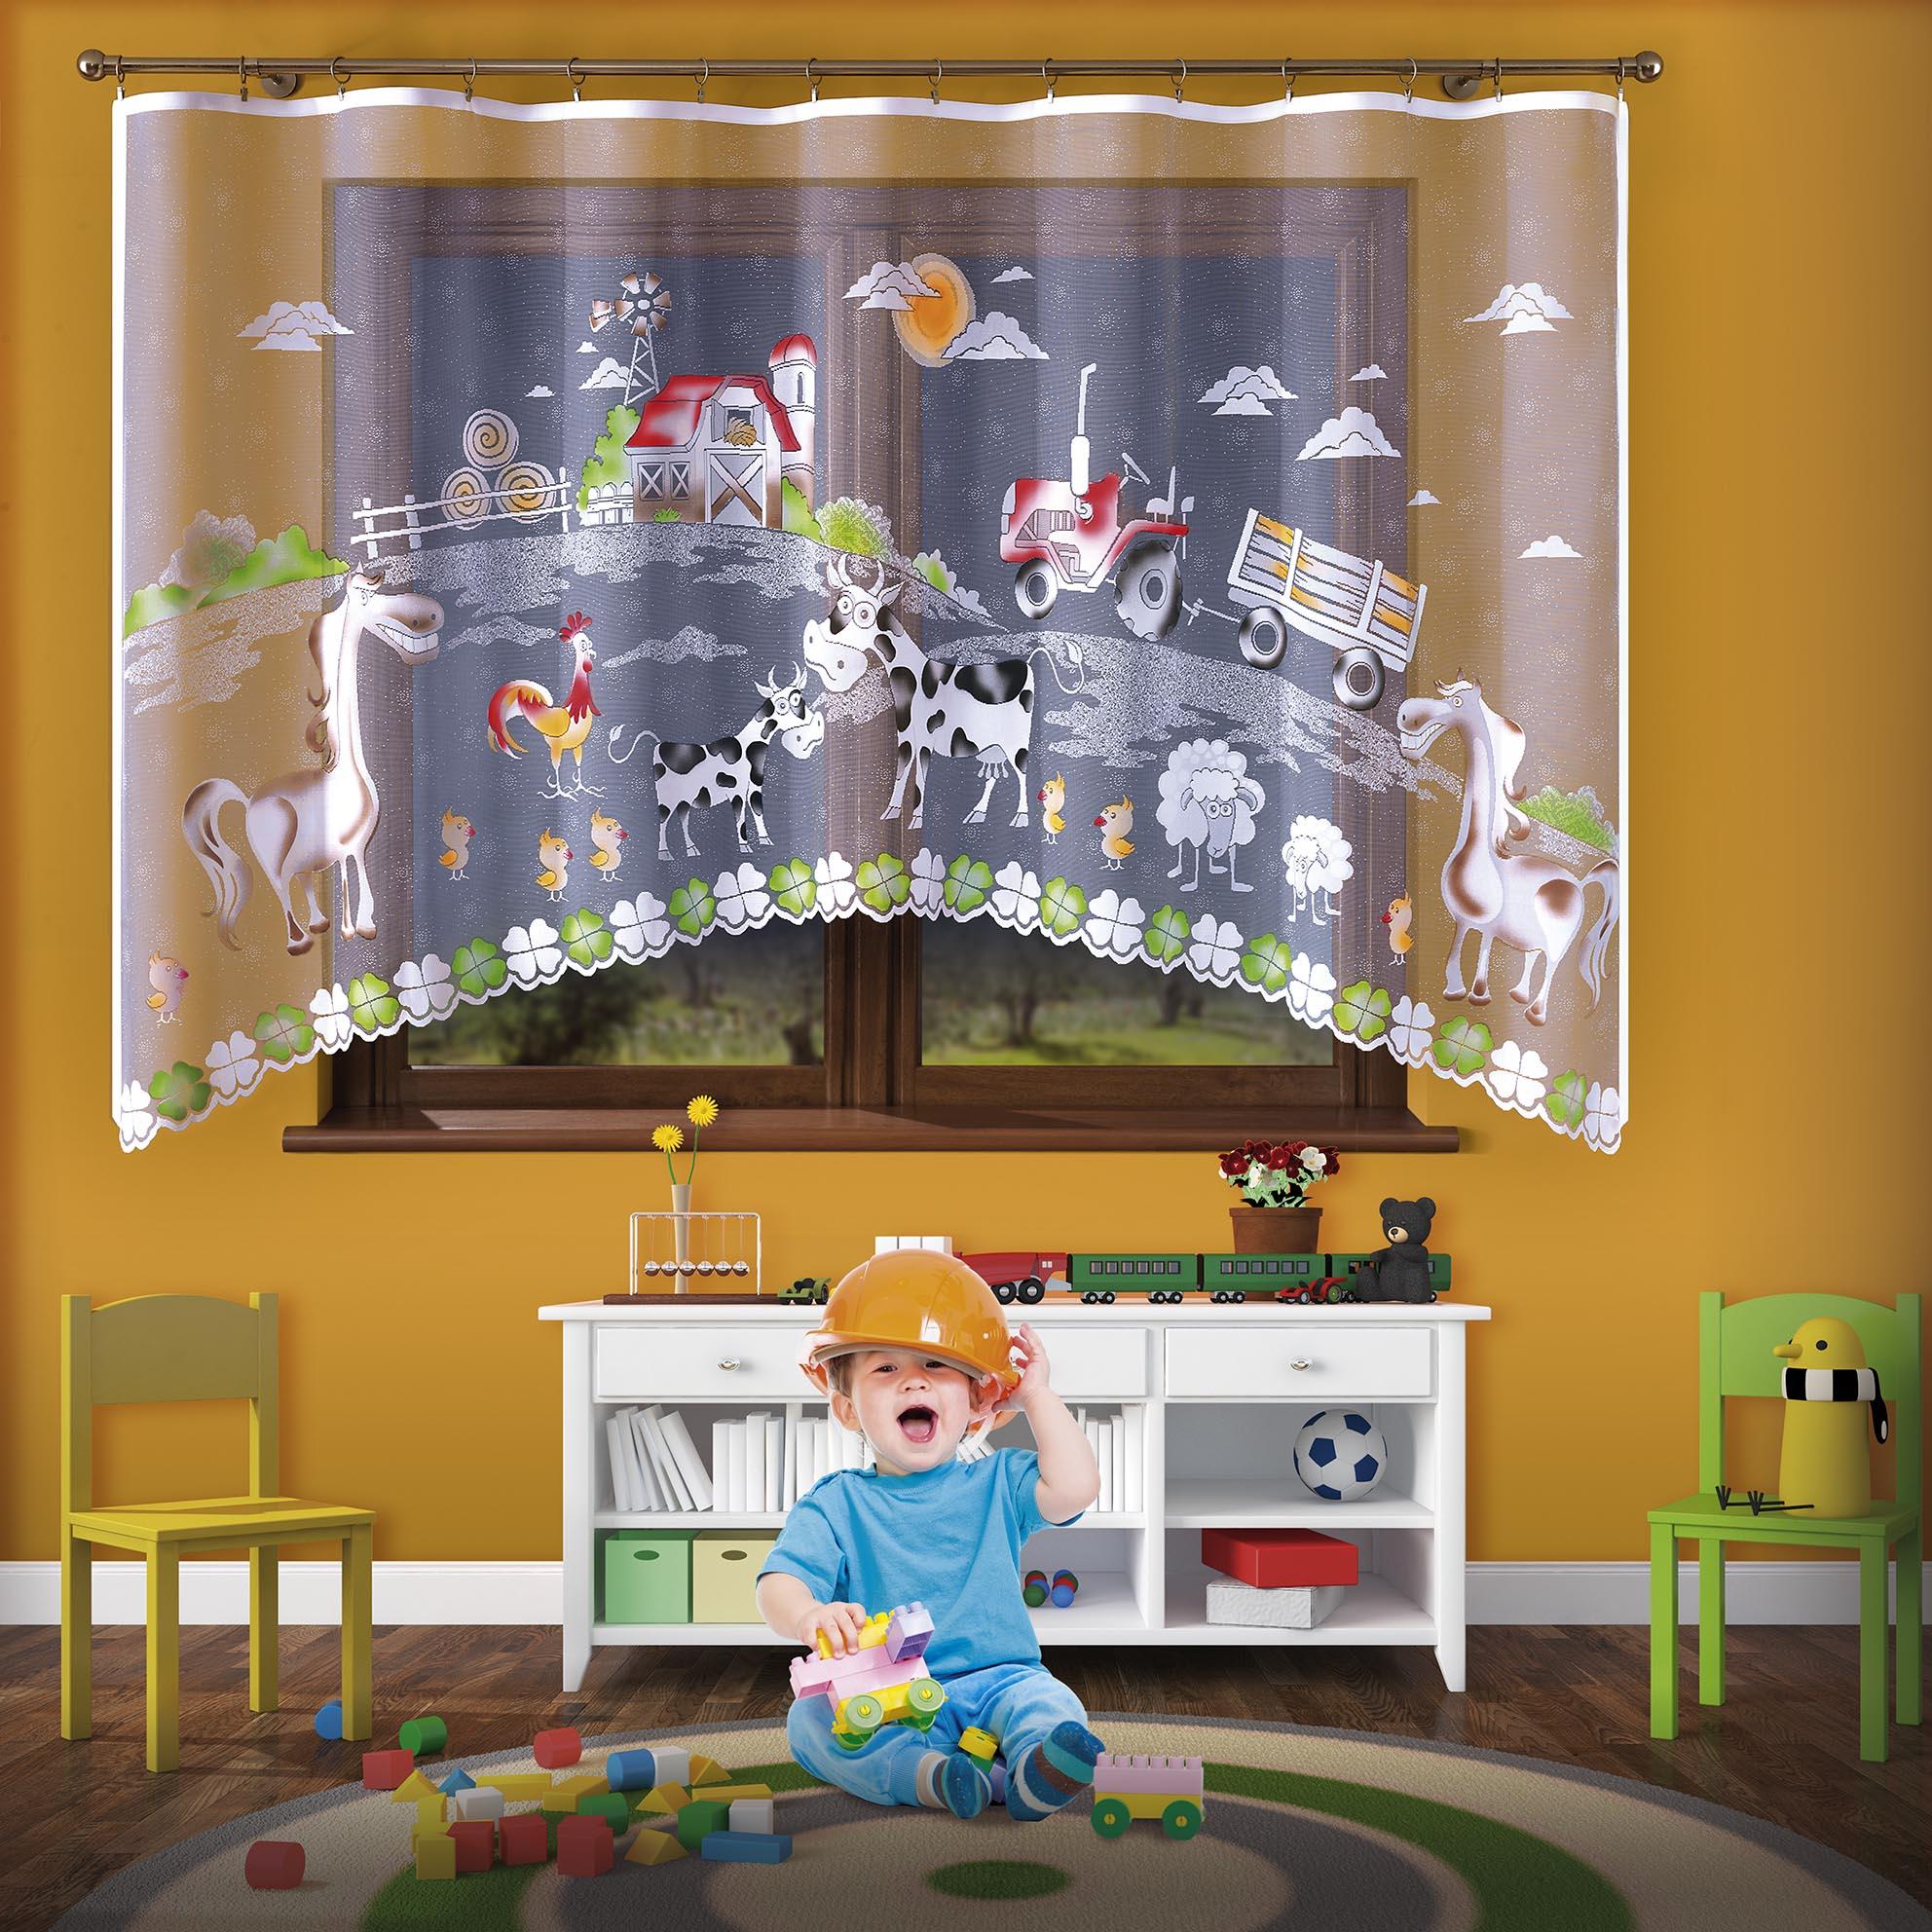 Firanka Dla Dzieci Malowana Do Pokoju Dziecięcego Szer 300 Cm Wys 160 Cm N1006